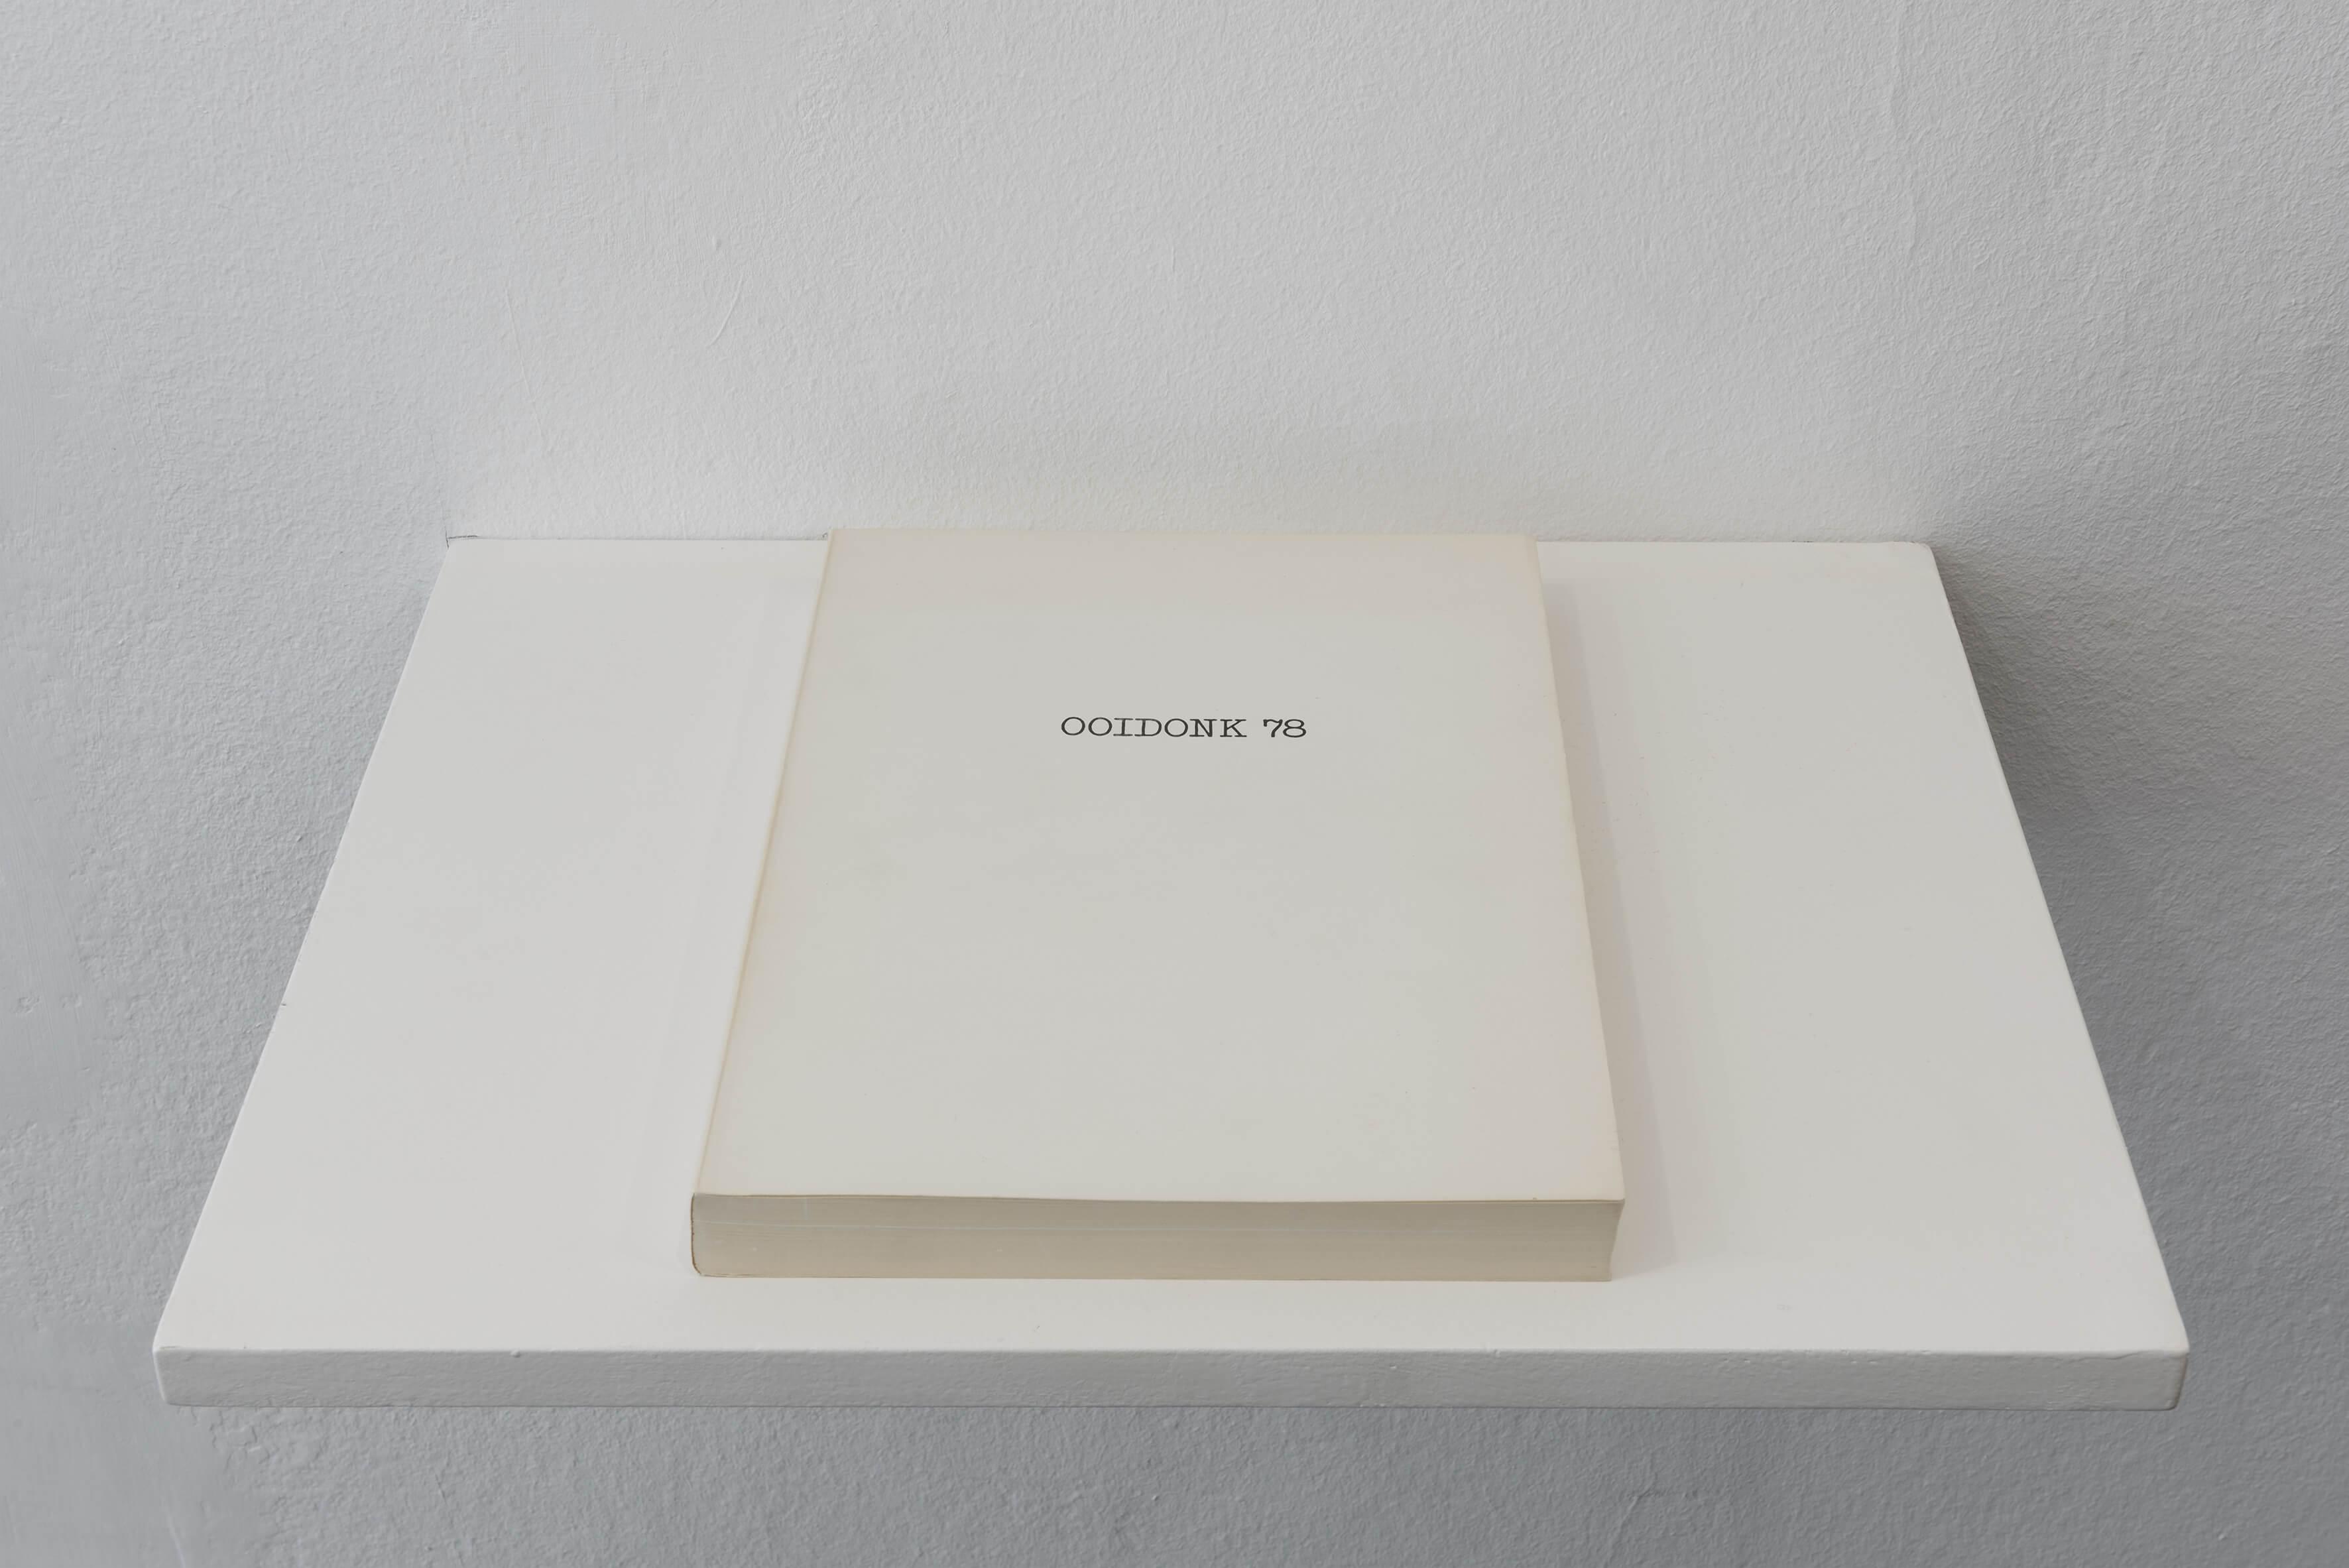 Ooidonk 78. Belgische kunst, 1969 – 1977 | Espace Perdu_Chapter 1 | ProjecteSD